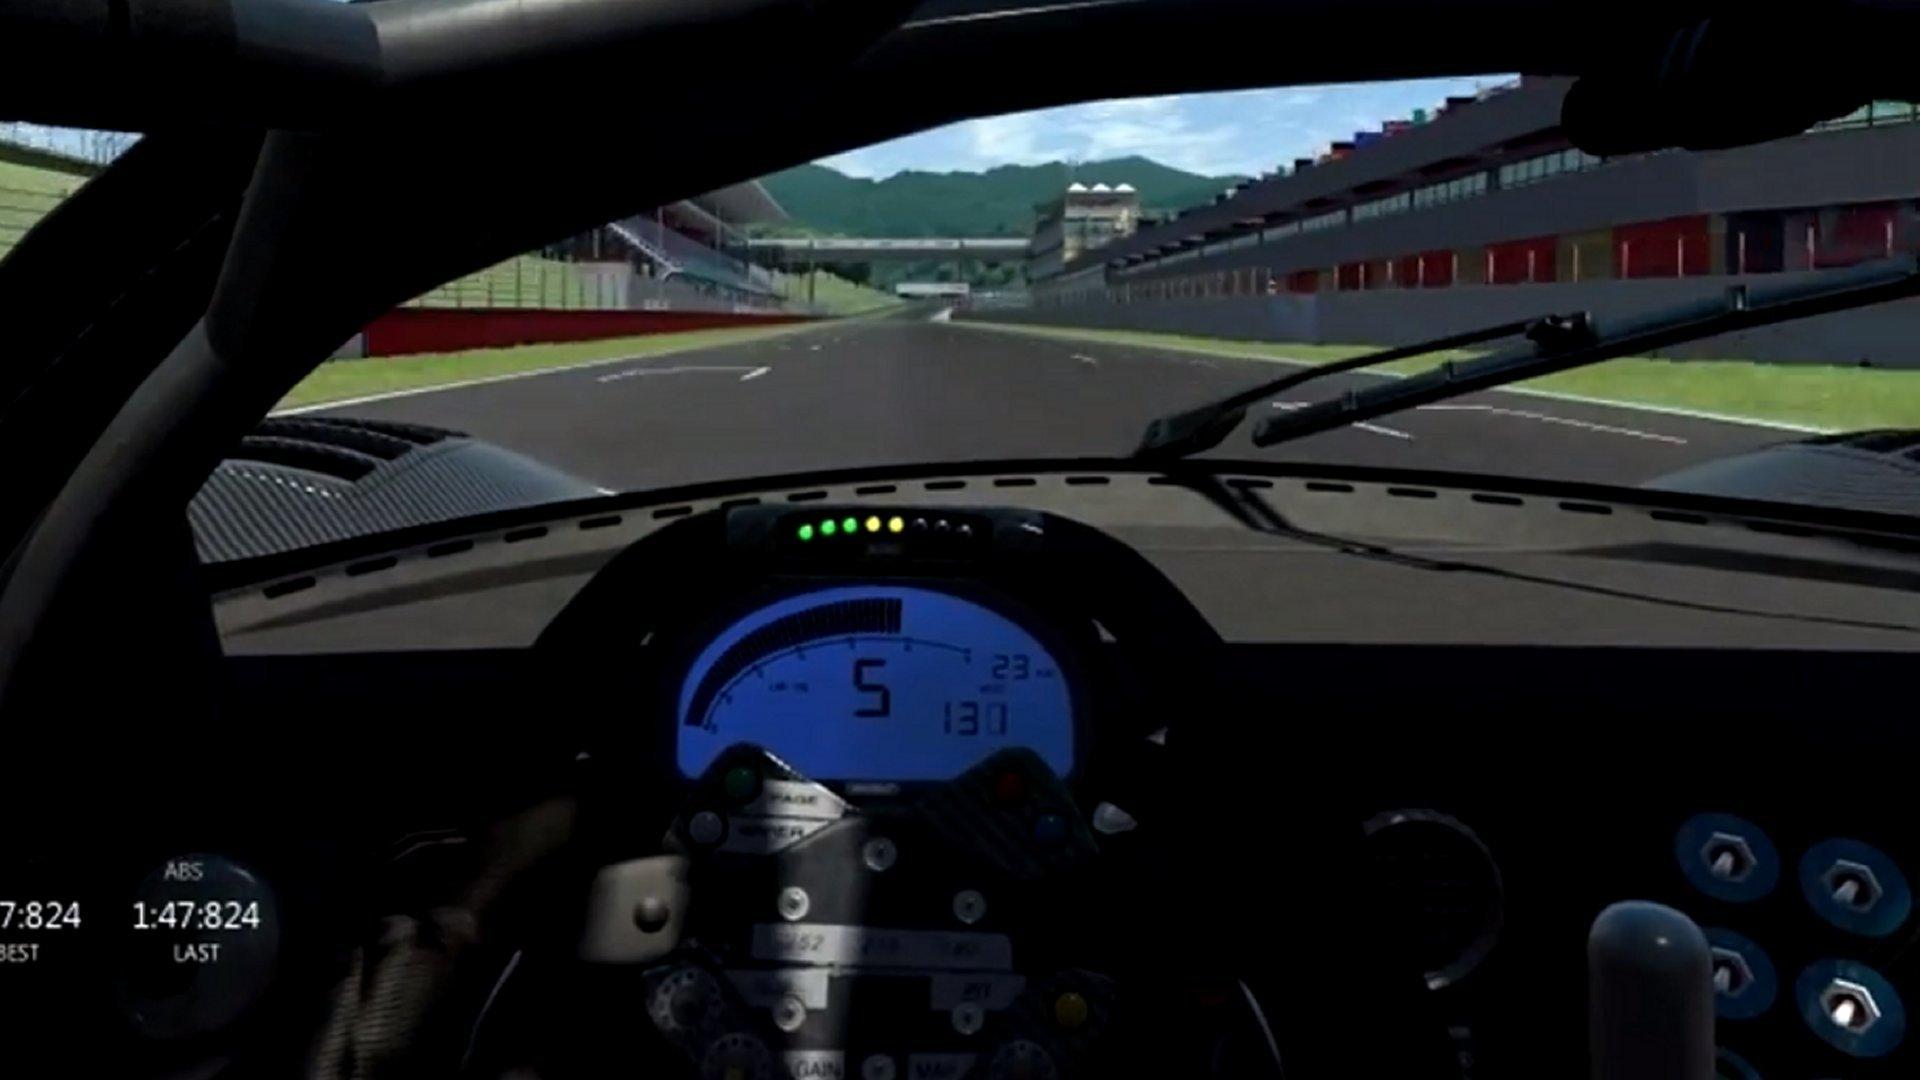 P4/5 @ Mugello in Assetto Corsa w/ TX Racing Wheel